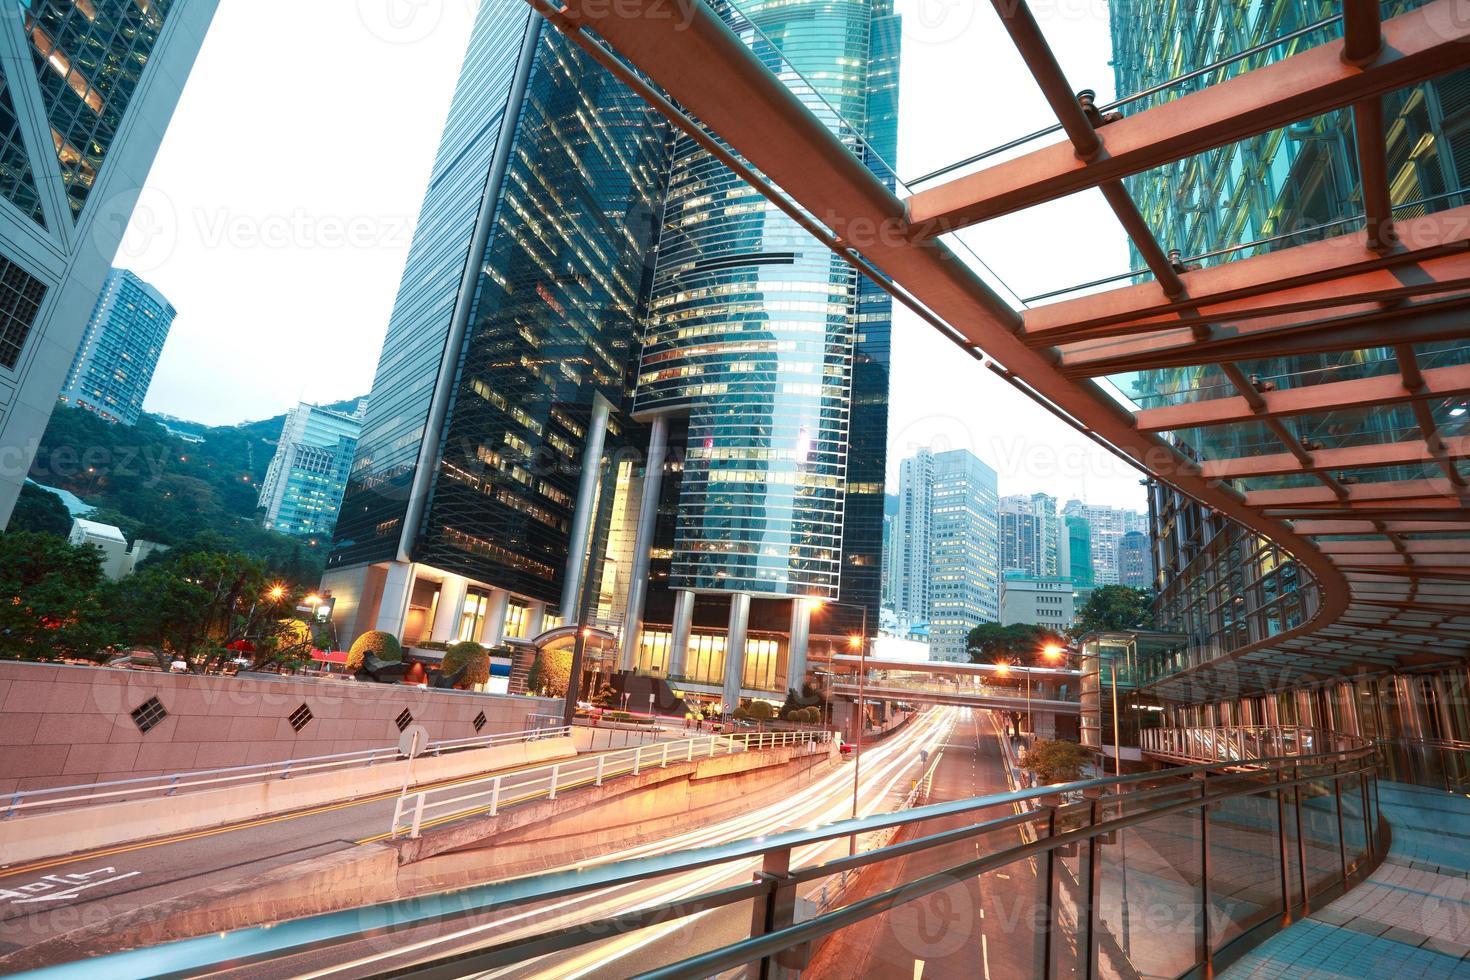 Hongkong von Straßenlaternenpfaden auf Straßenbildgebäuden in foto